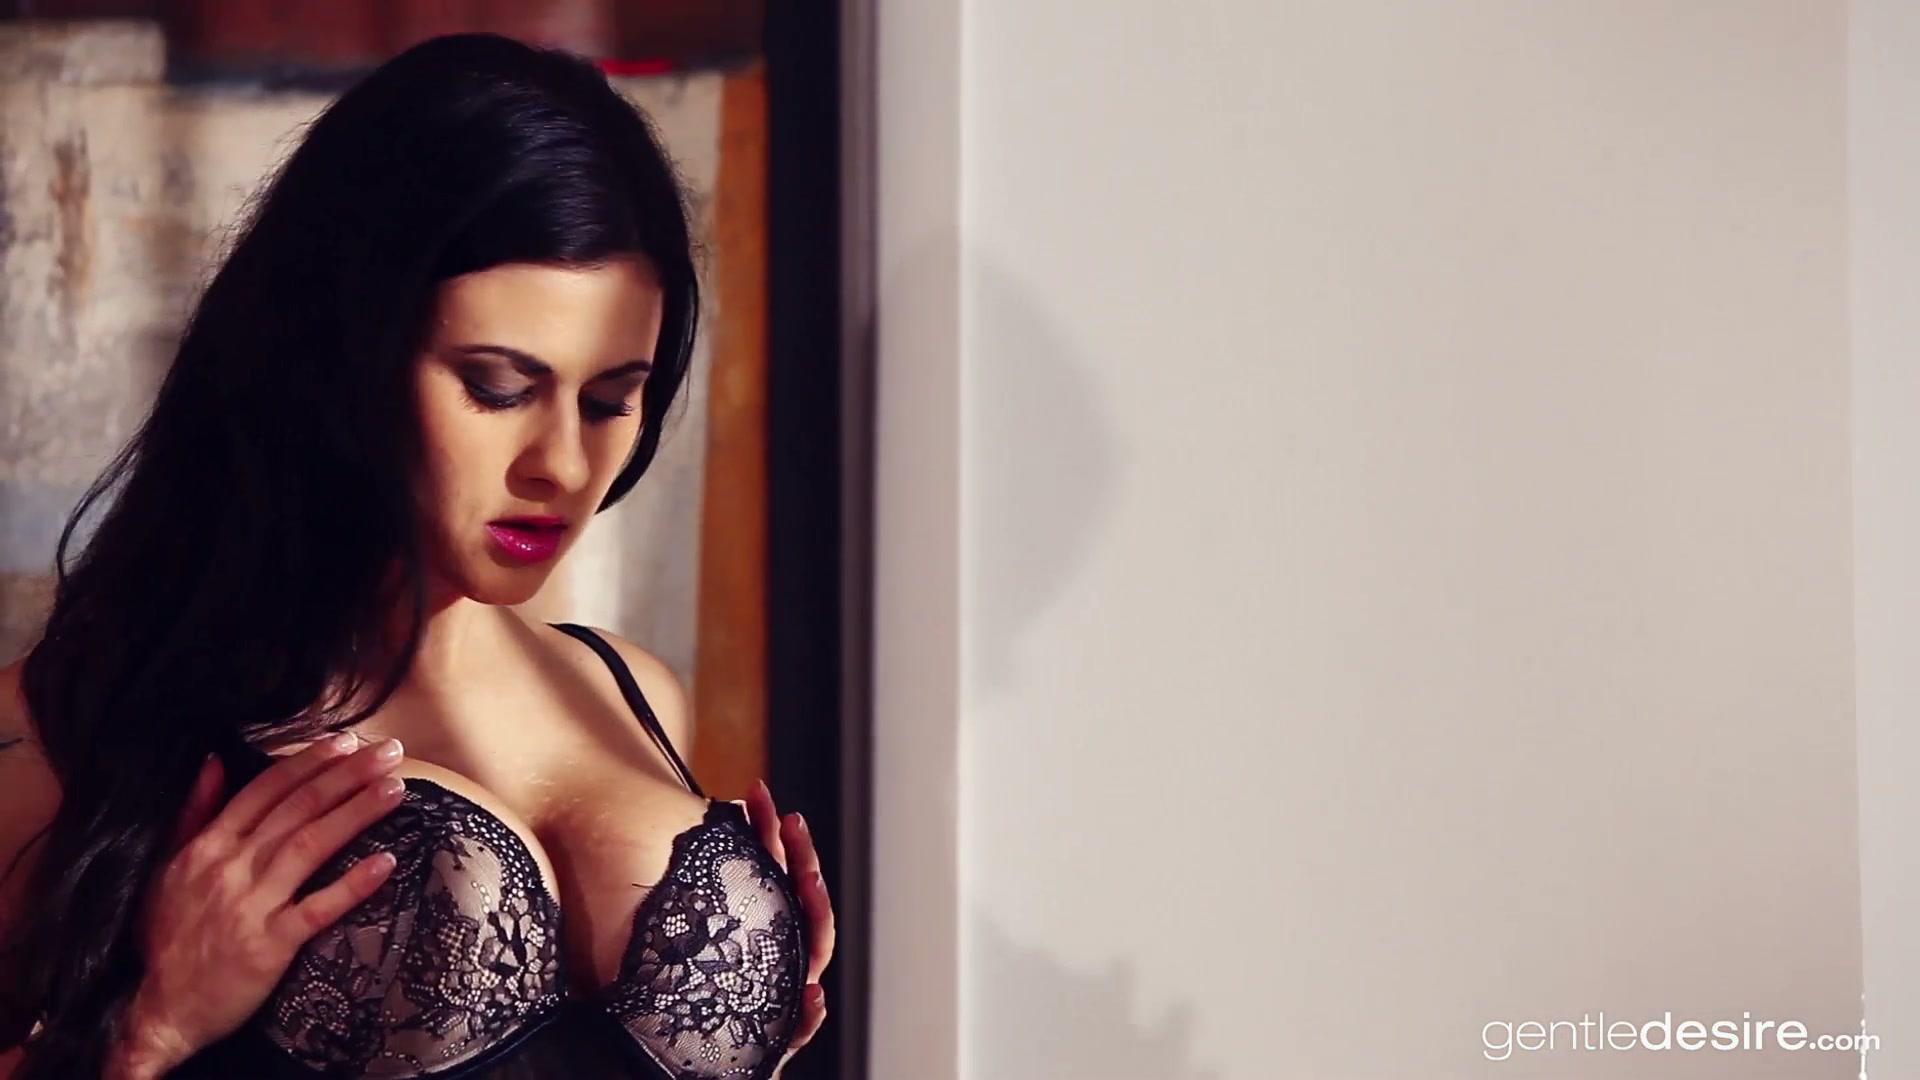 sexy clip irani porn site free